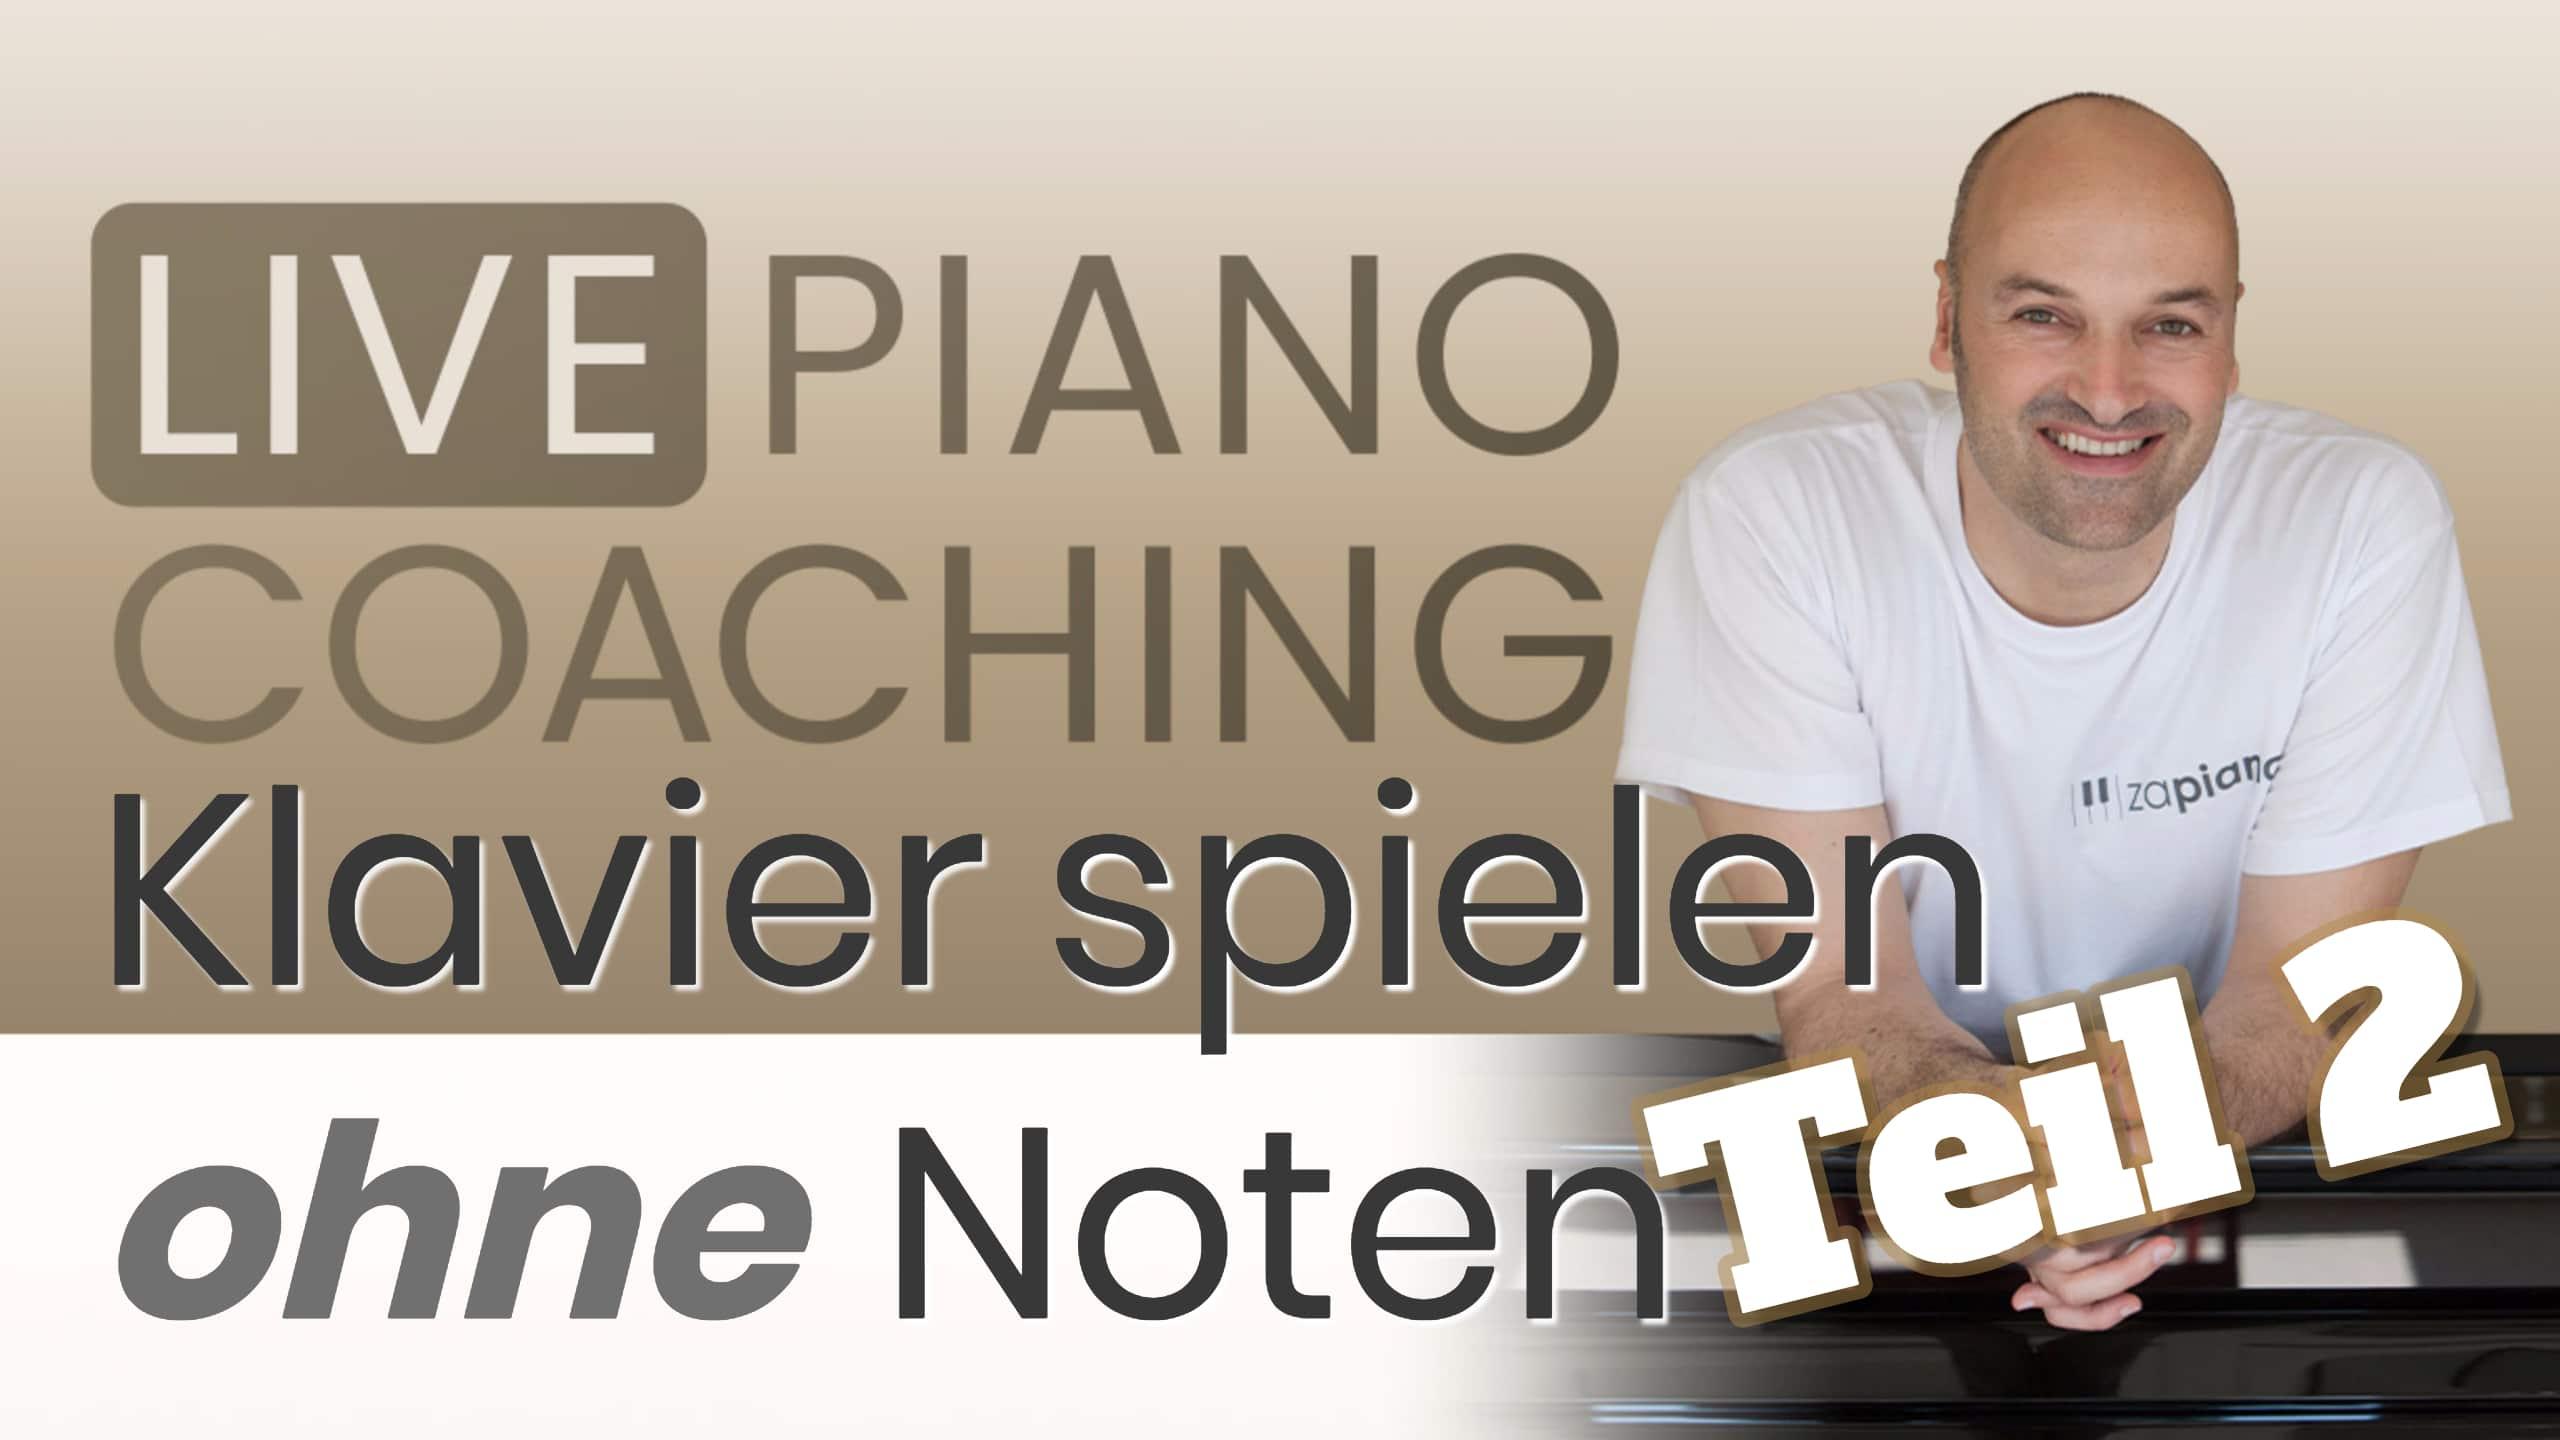 Klavier Spielen klavier spielen ohne noten teil 2 zapiano